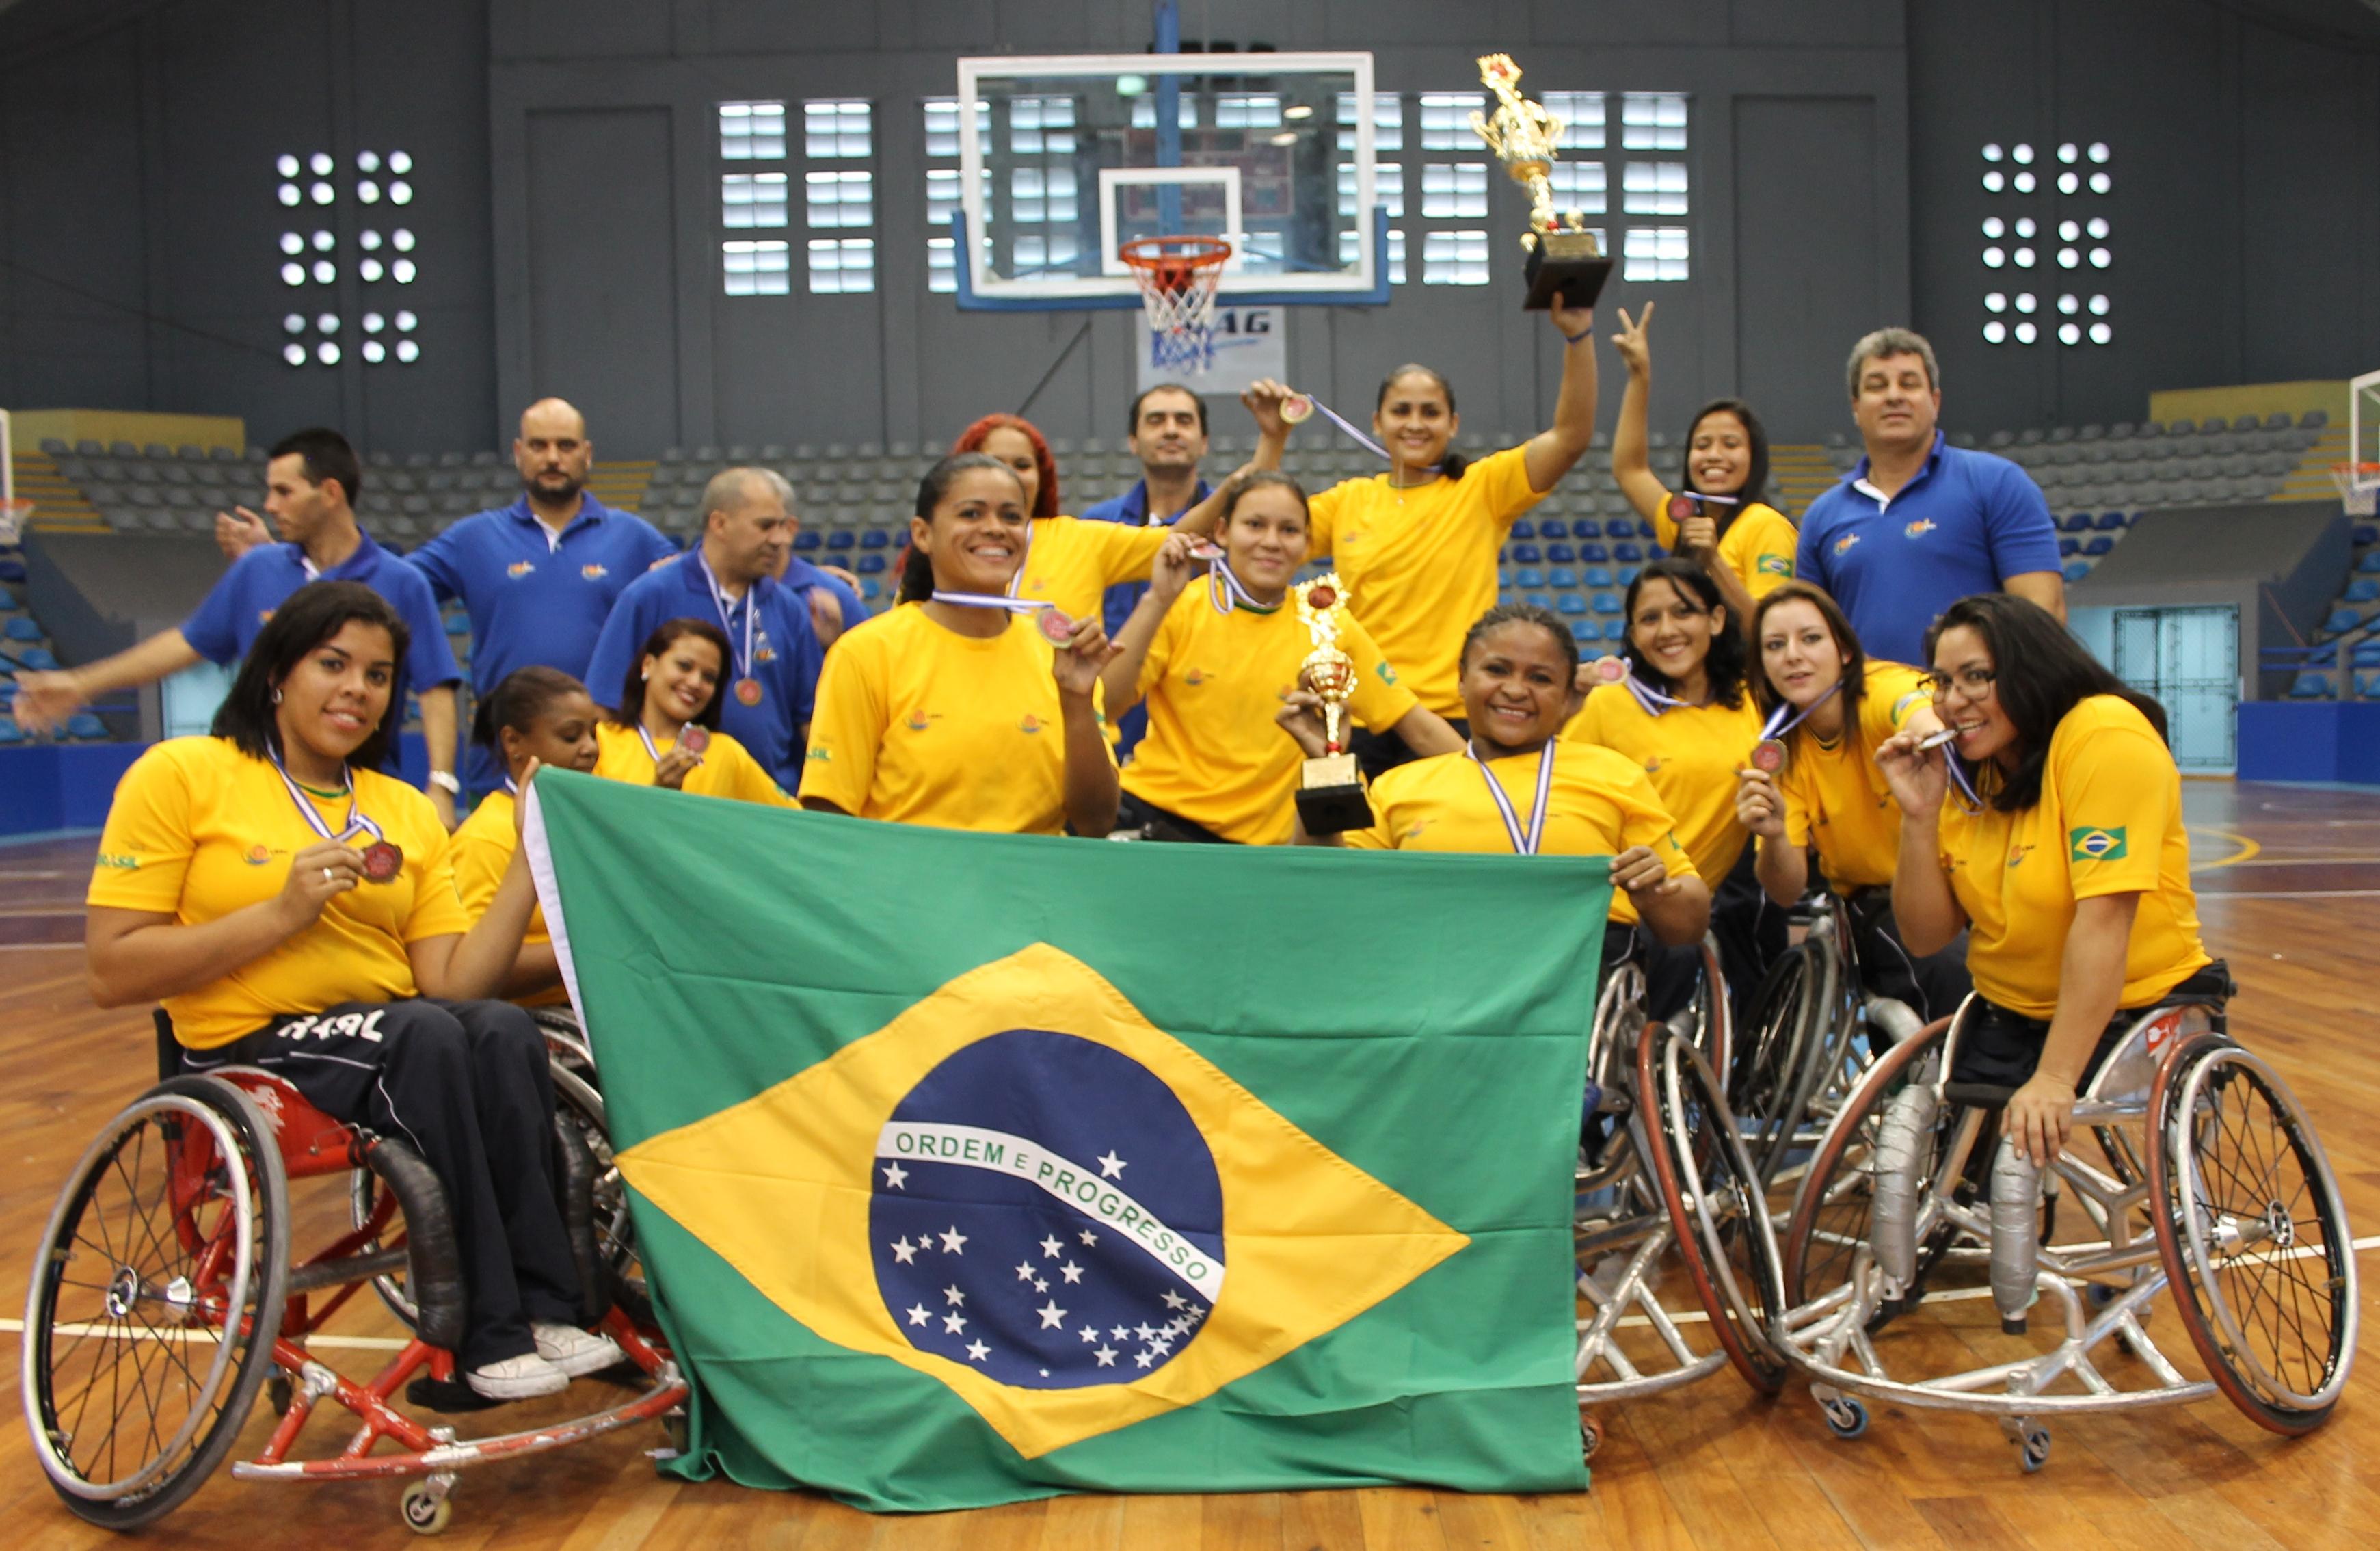 Brasil campe n del baloncesto en silla de ruedas antorcha deportiva deportes guatemala - Baloncesto silla de ruedas ...